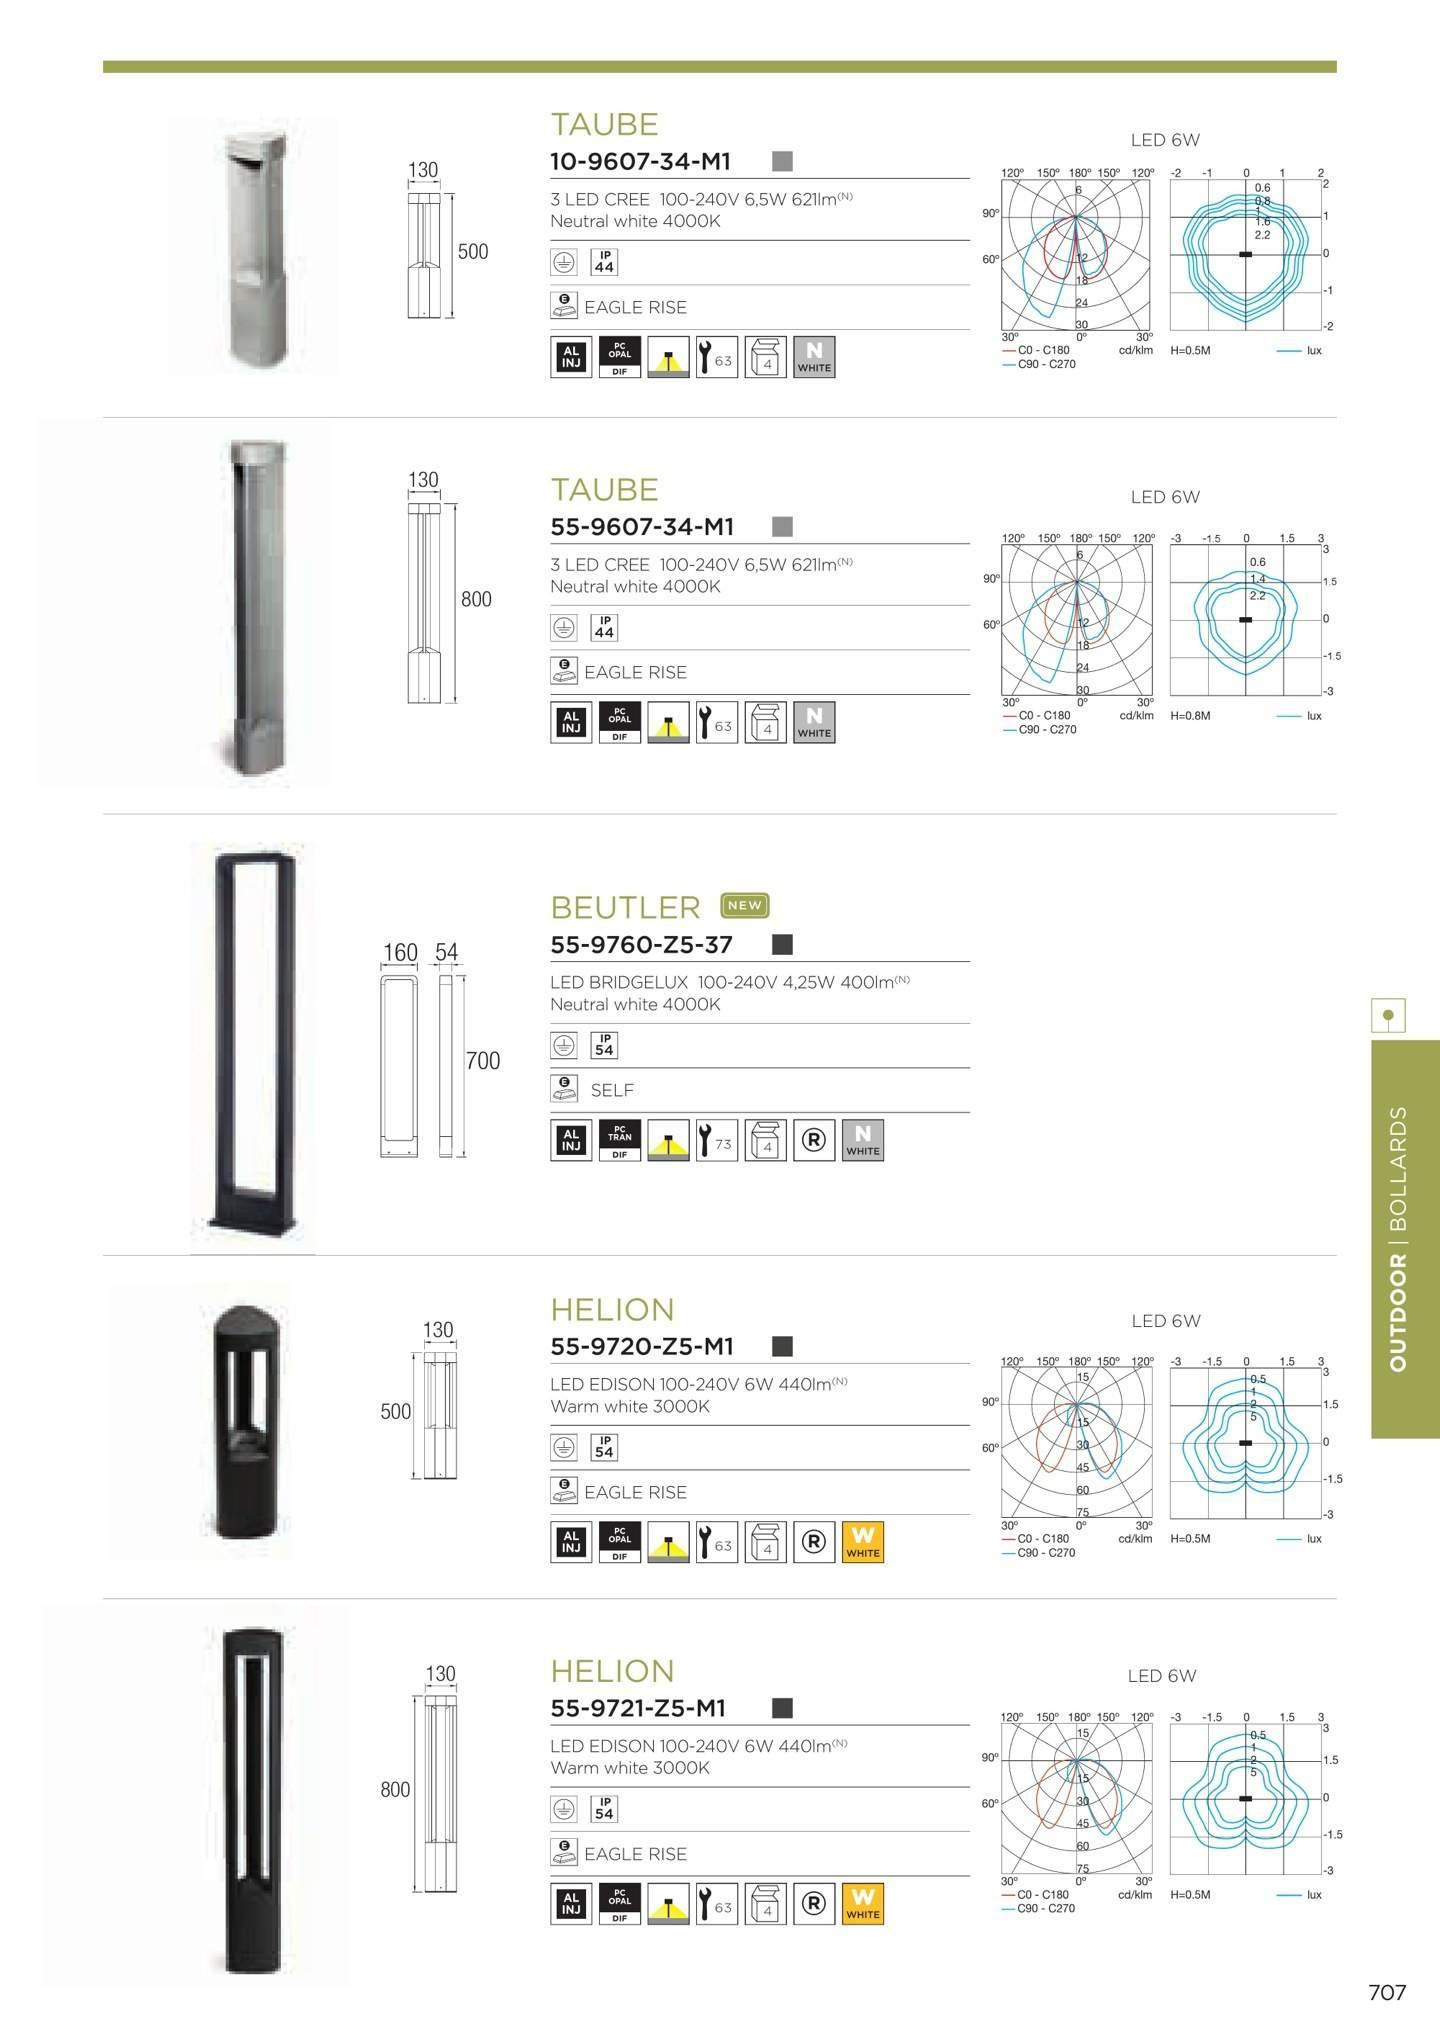 Helion Beacon 80cm LED 6w 3000K Grey Urbano Leds C4 Image